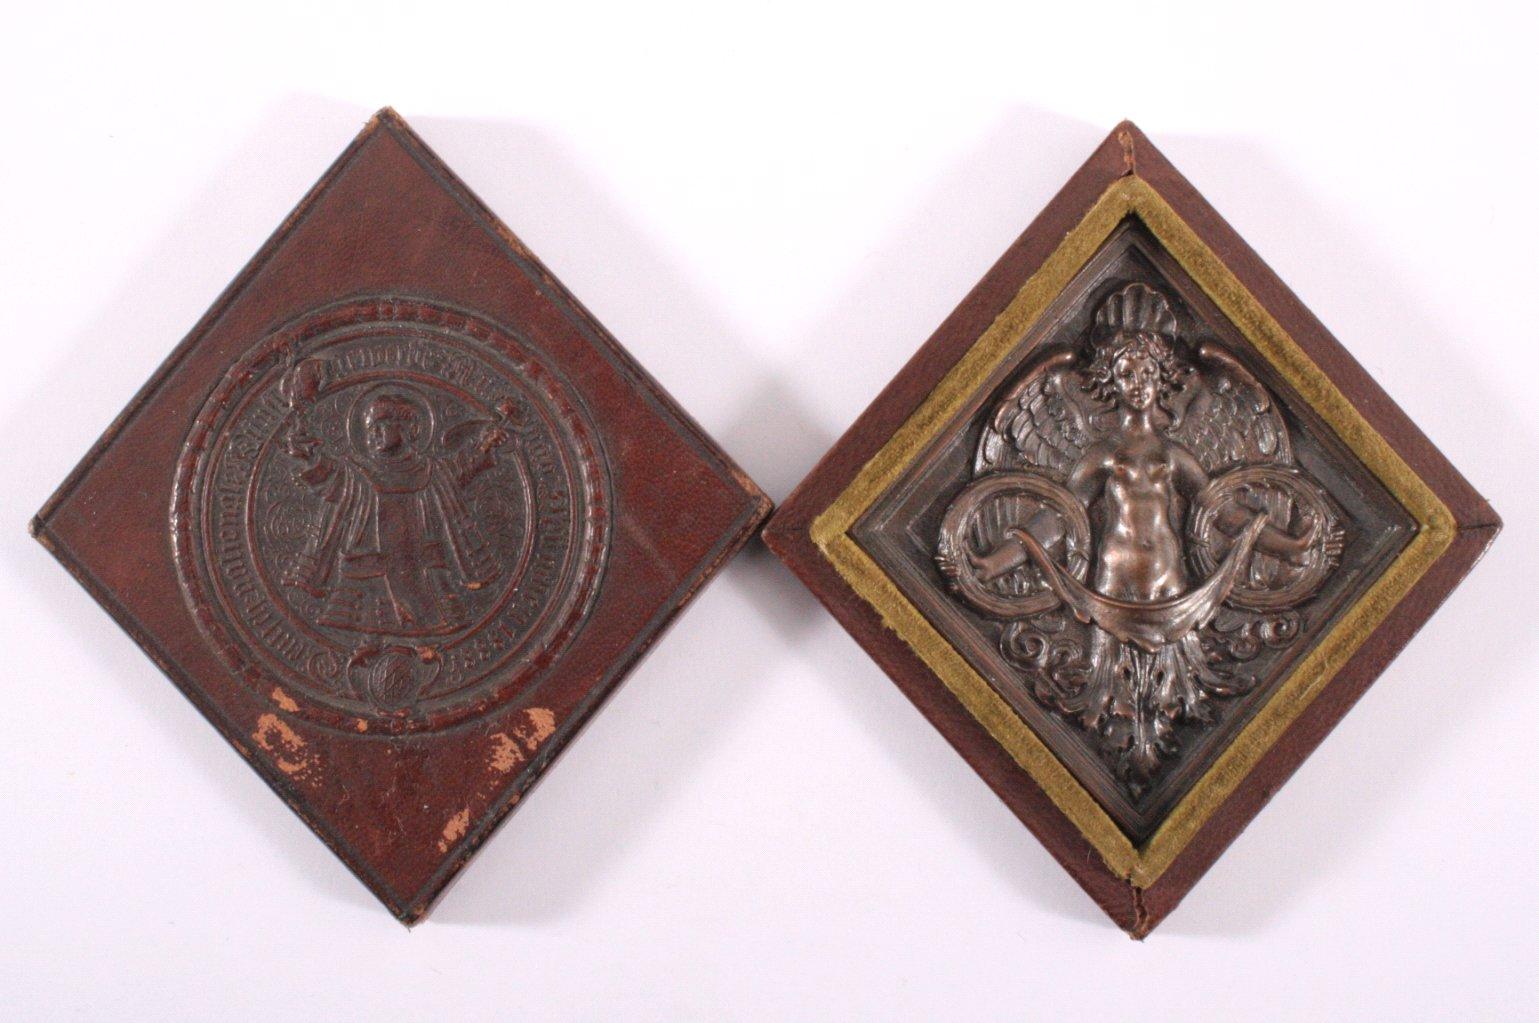 Plakette Deutsch Nationale Kunstgewerbeausstellung 1888-3